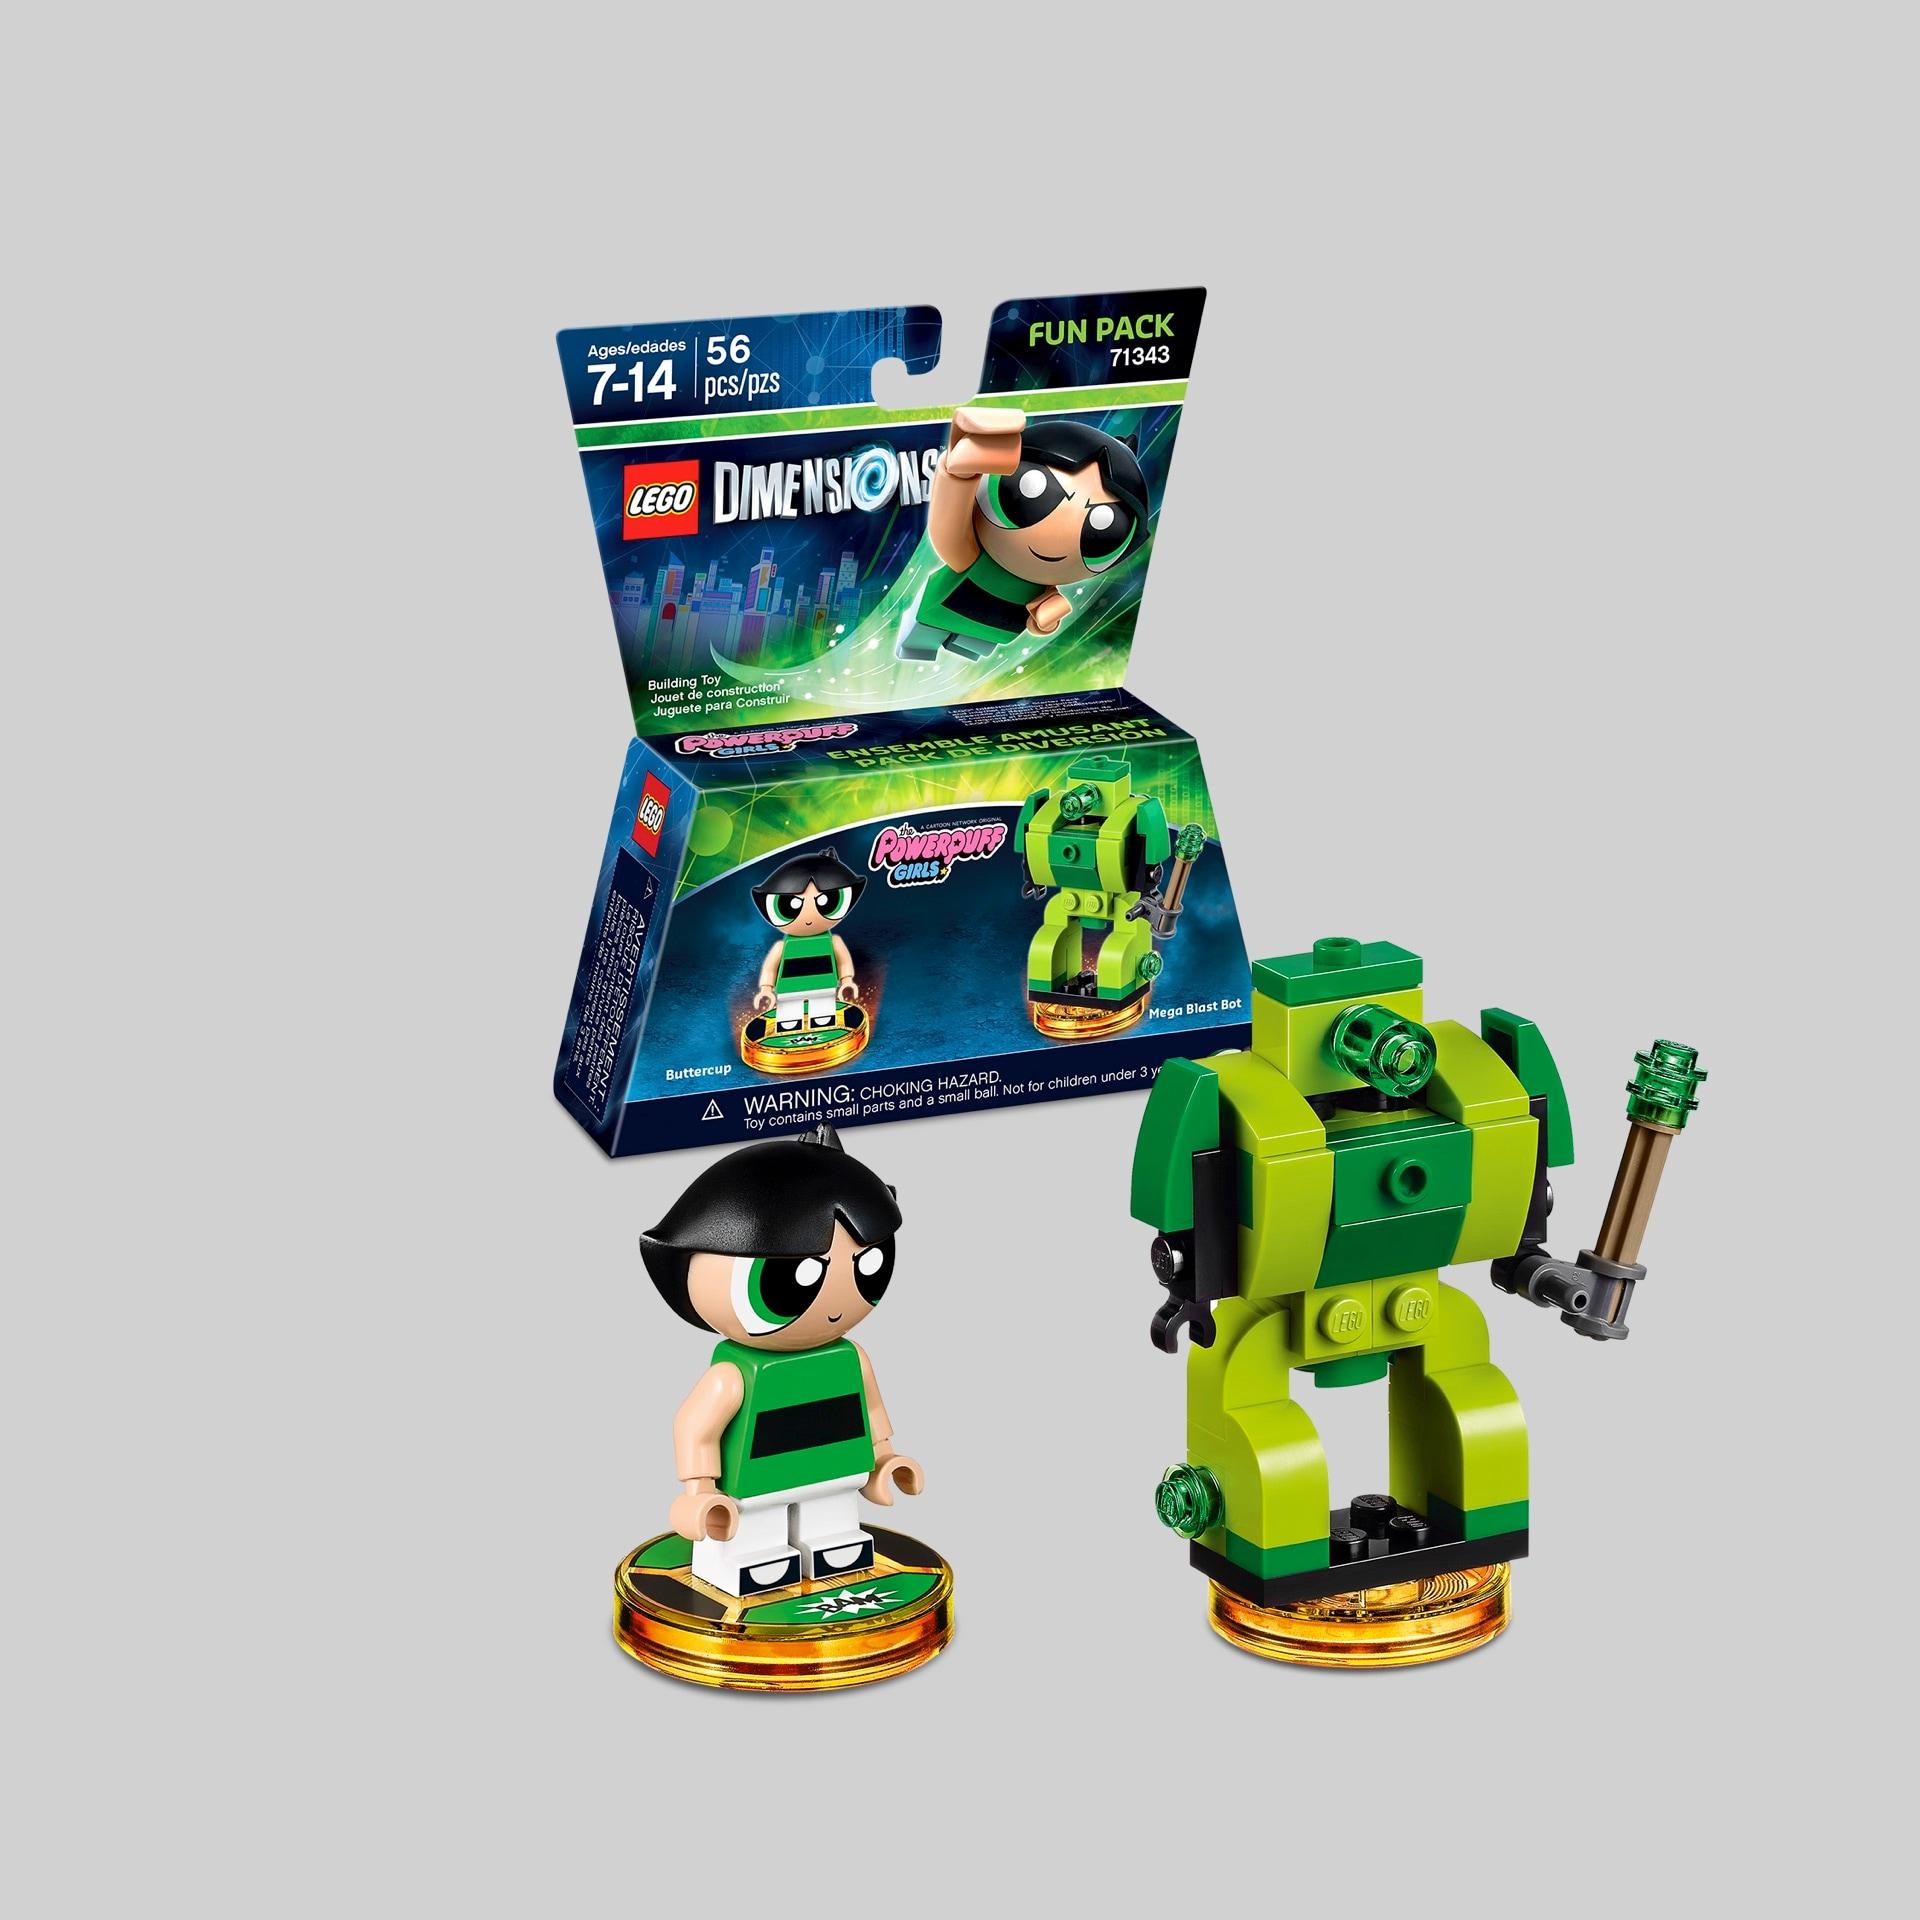 ExpansionPack_NA_PowerpuffGirls_FunPack_71343